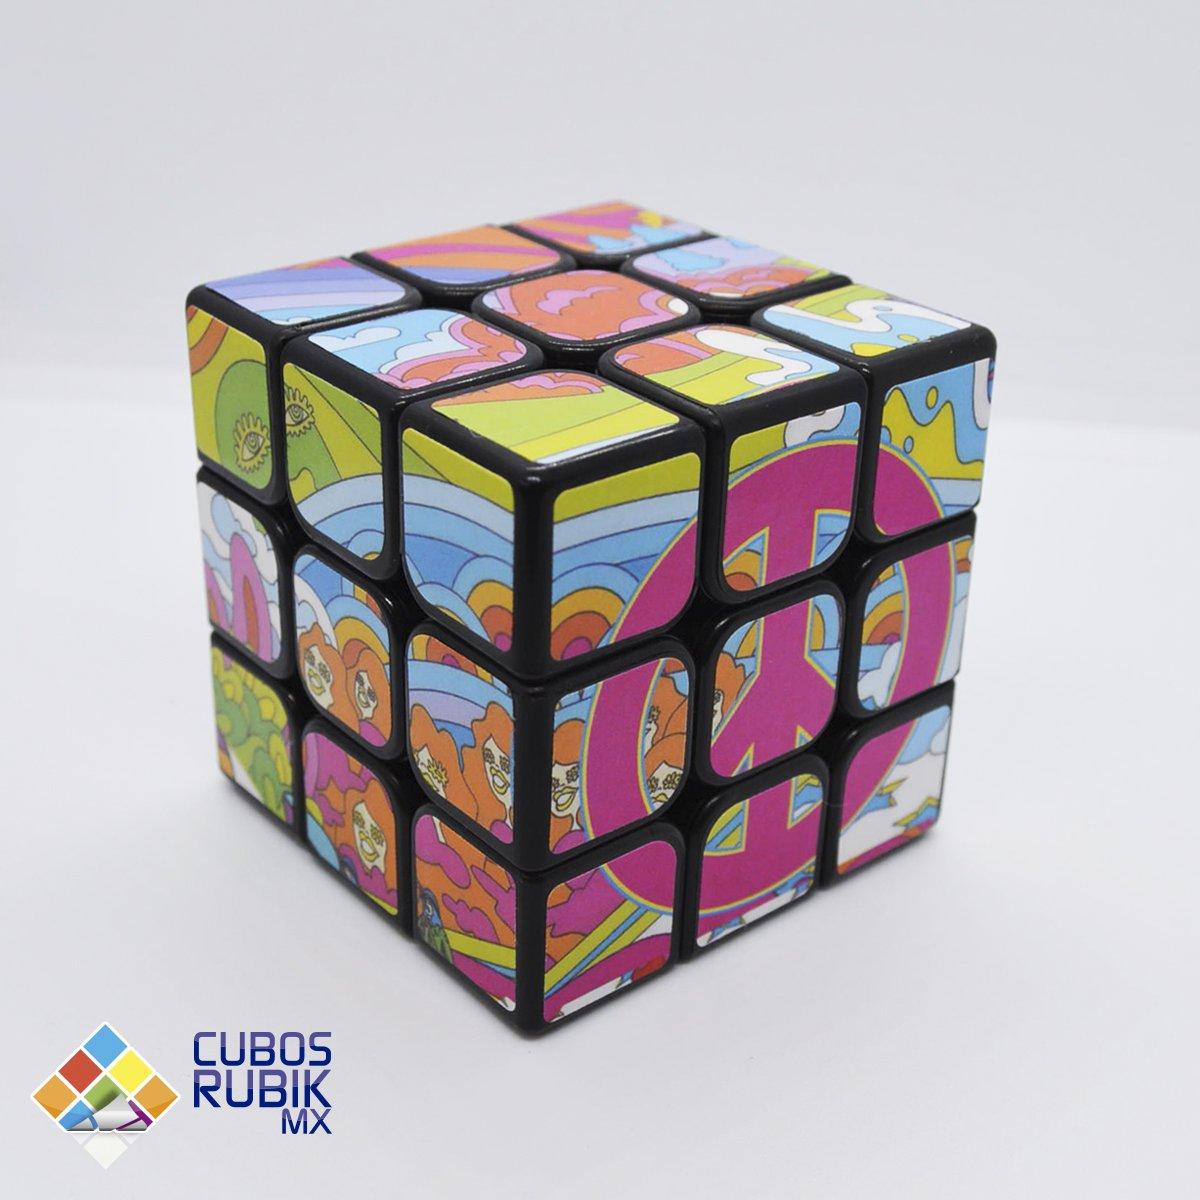 新作 Cube Warina B074ZPRB5G 3x3x3 3x3x3 Warina ヒッピーキューブ B074ZPRB5G, 阿武郡:6b6af780 --- a0267596.xsph.ru